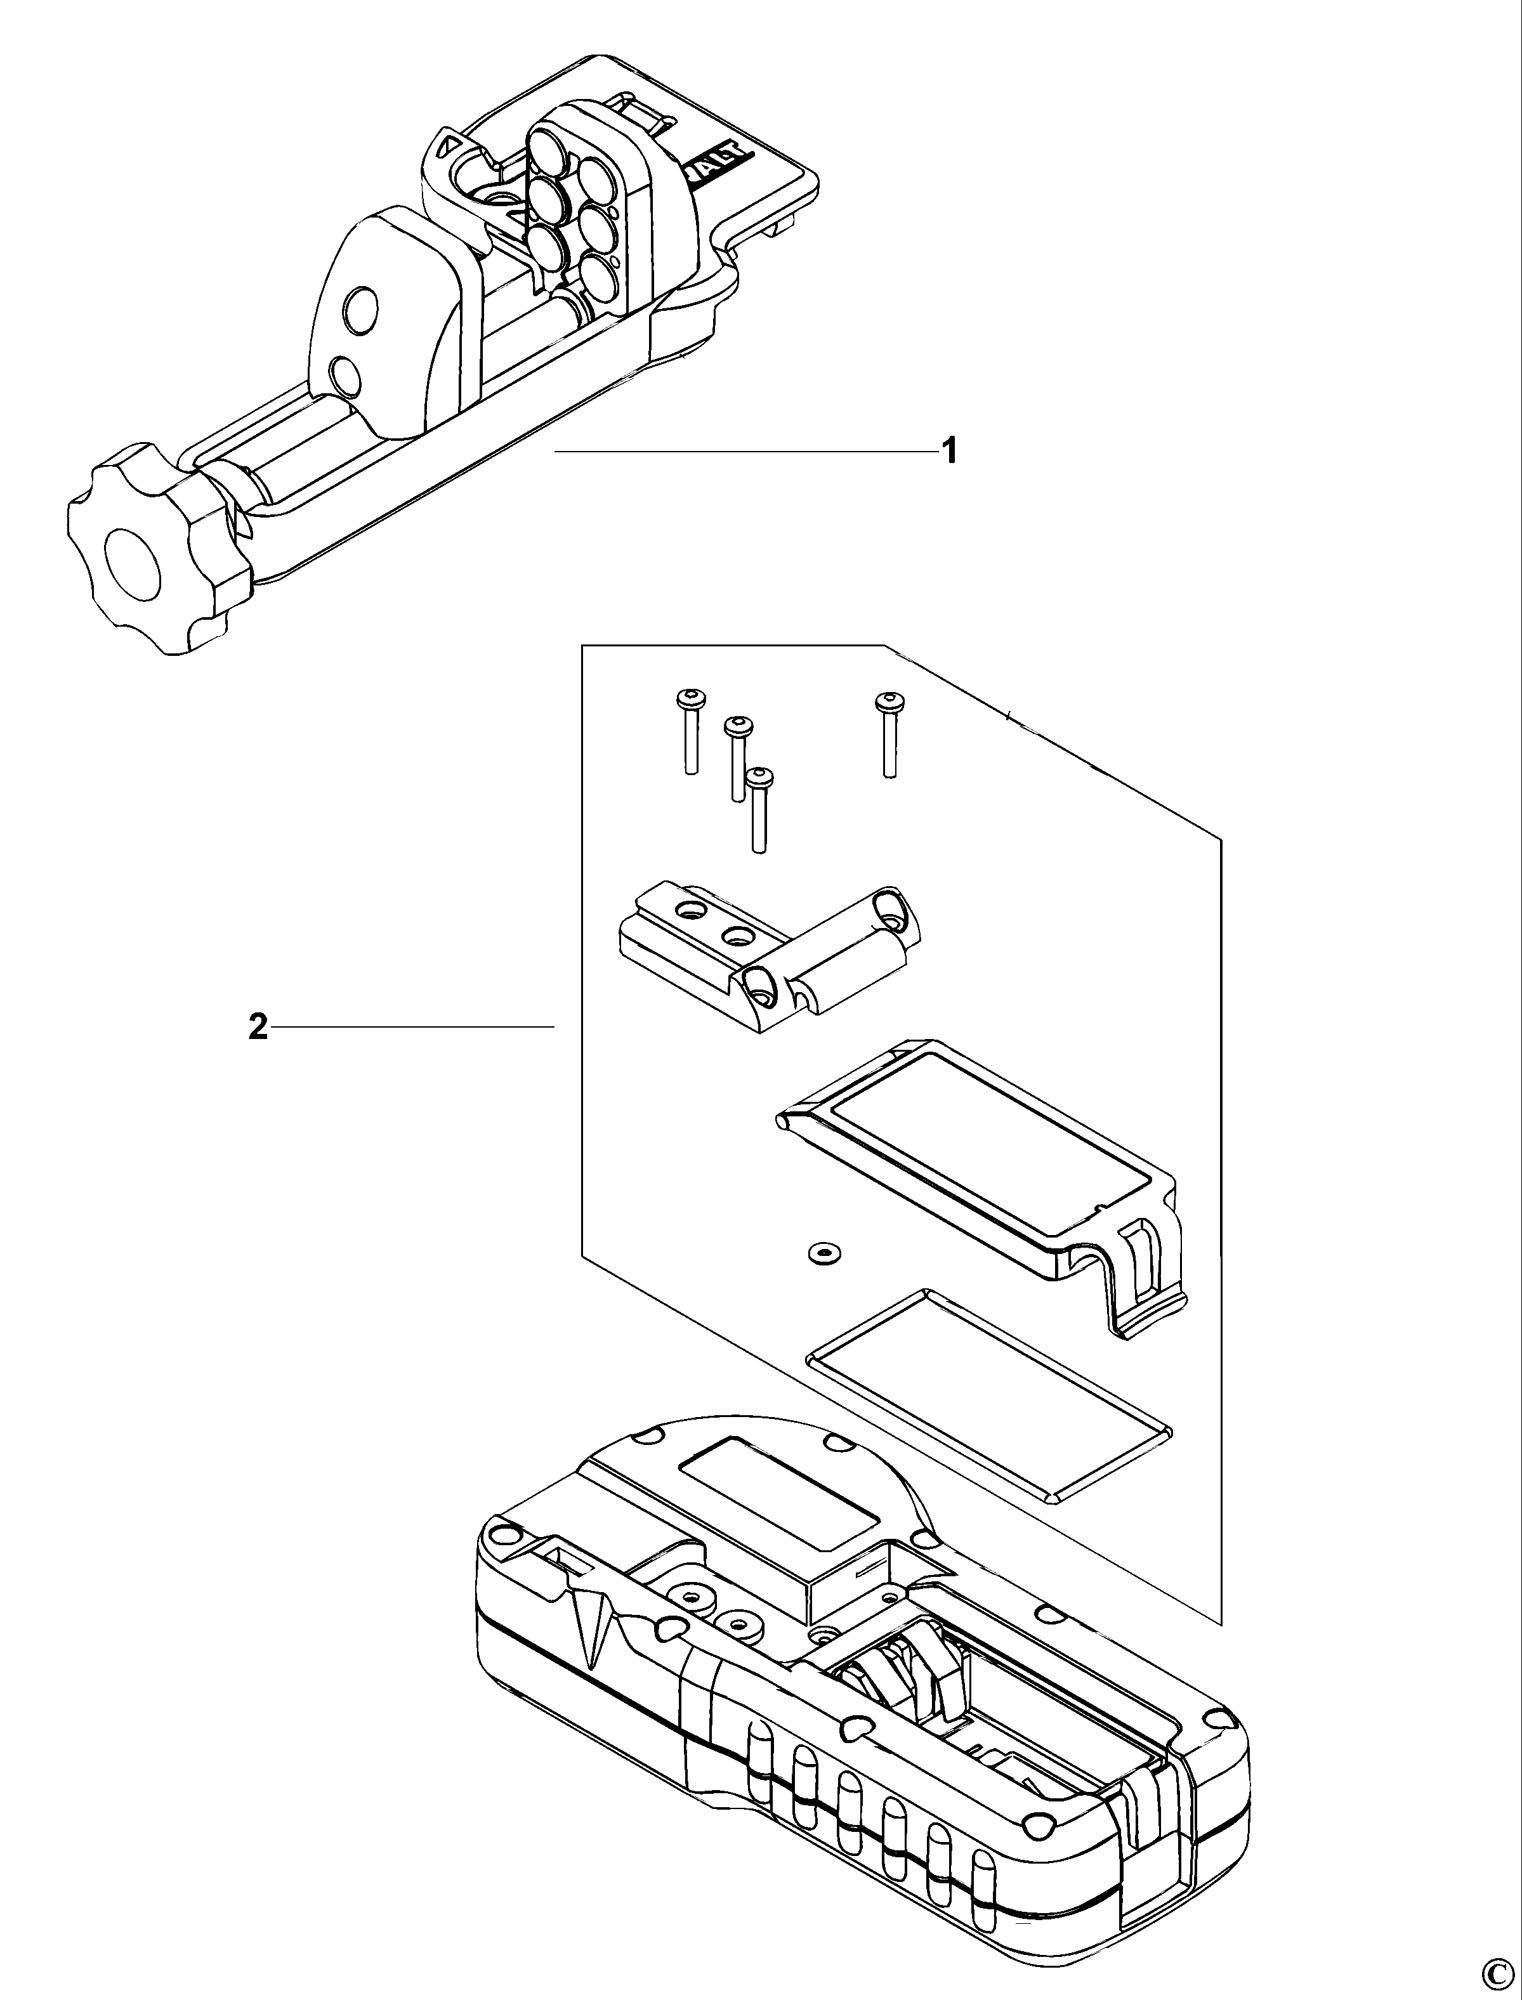 Spares for Dewalt De0772 Digital Laser Detector (type 1